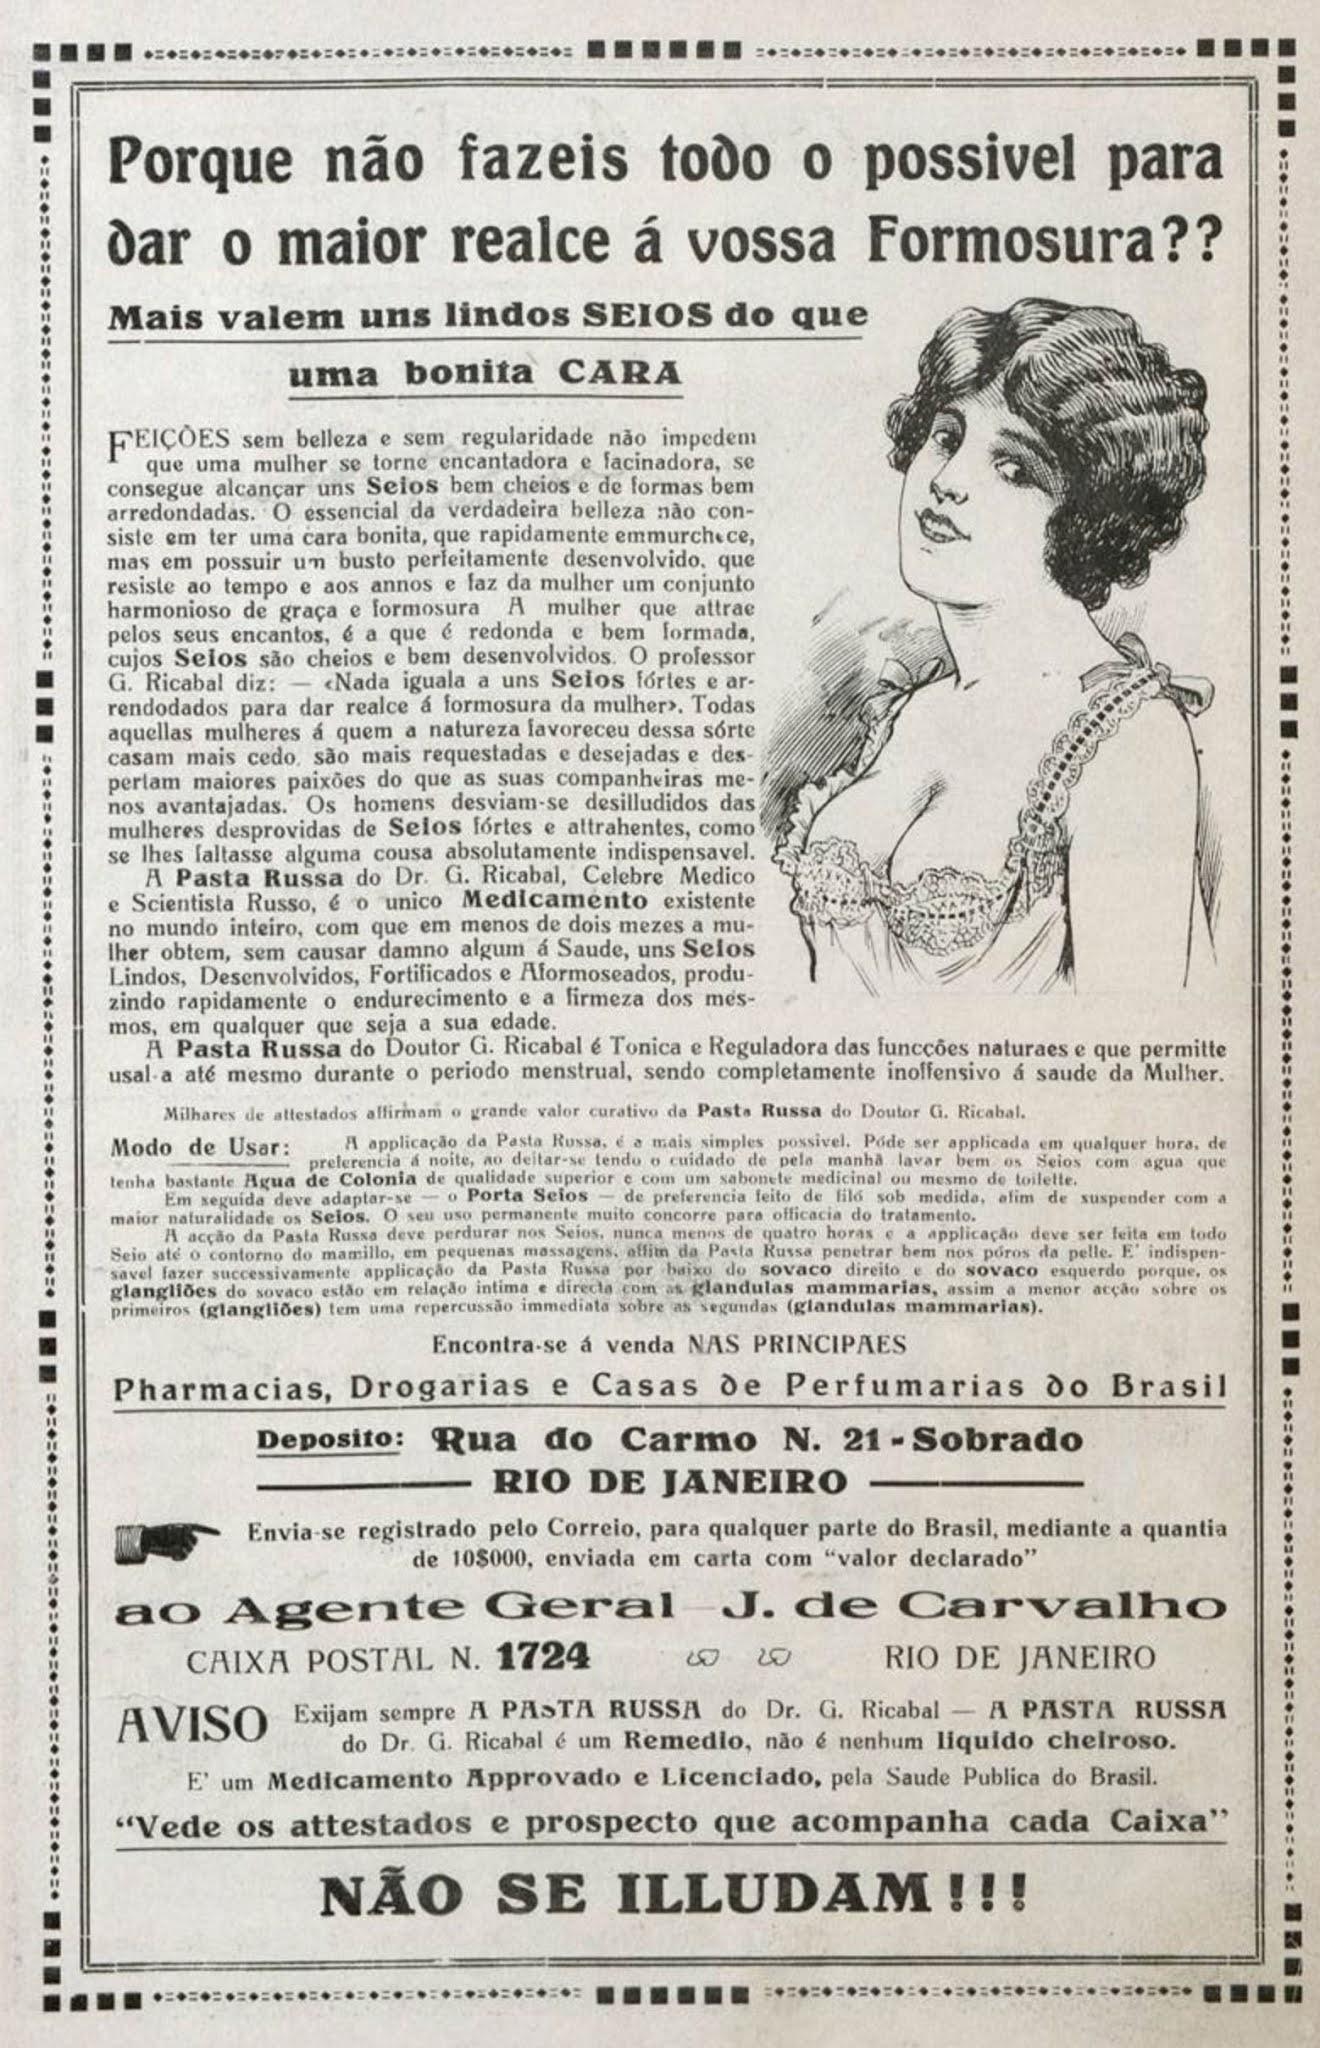 Propaganda antiga da Pasta Russa veiculada em 1919 para rejuvenescimento dos seios